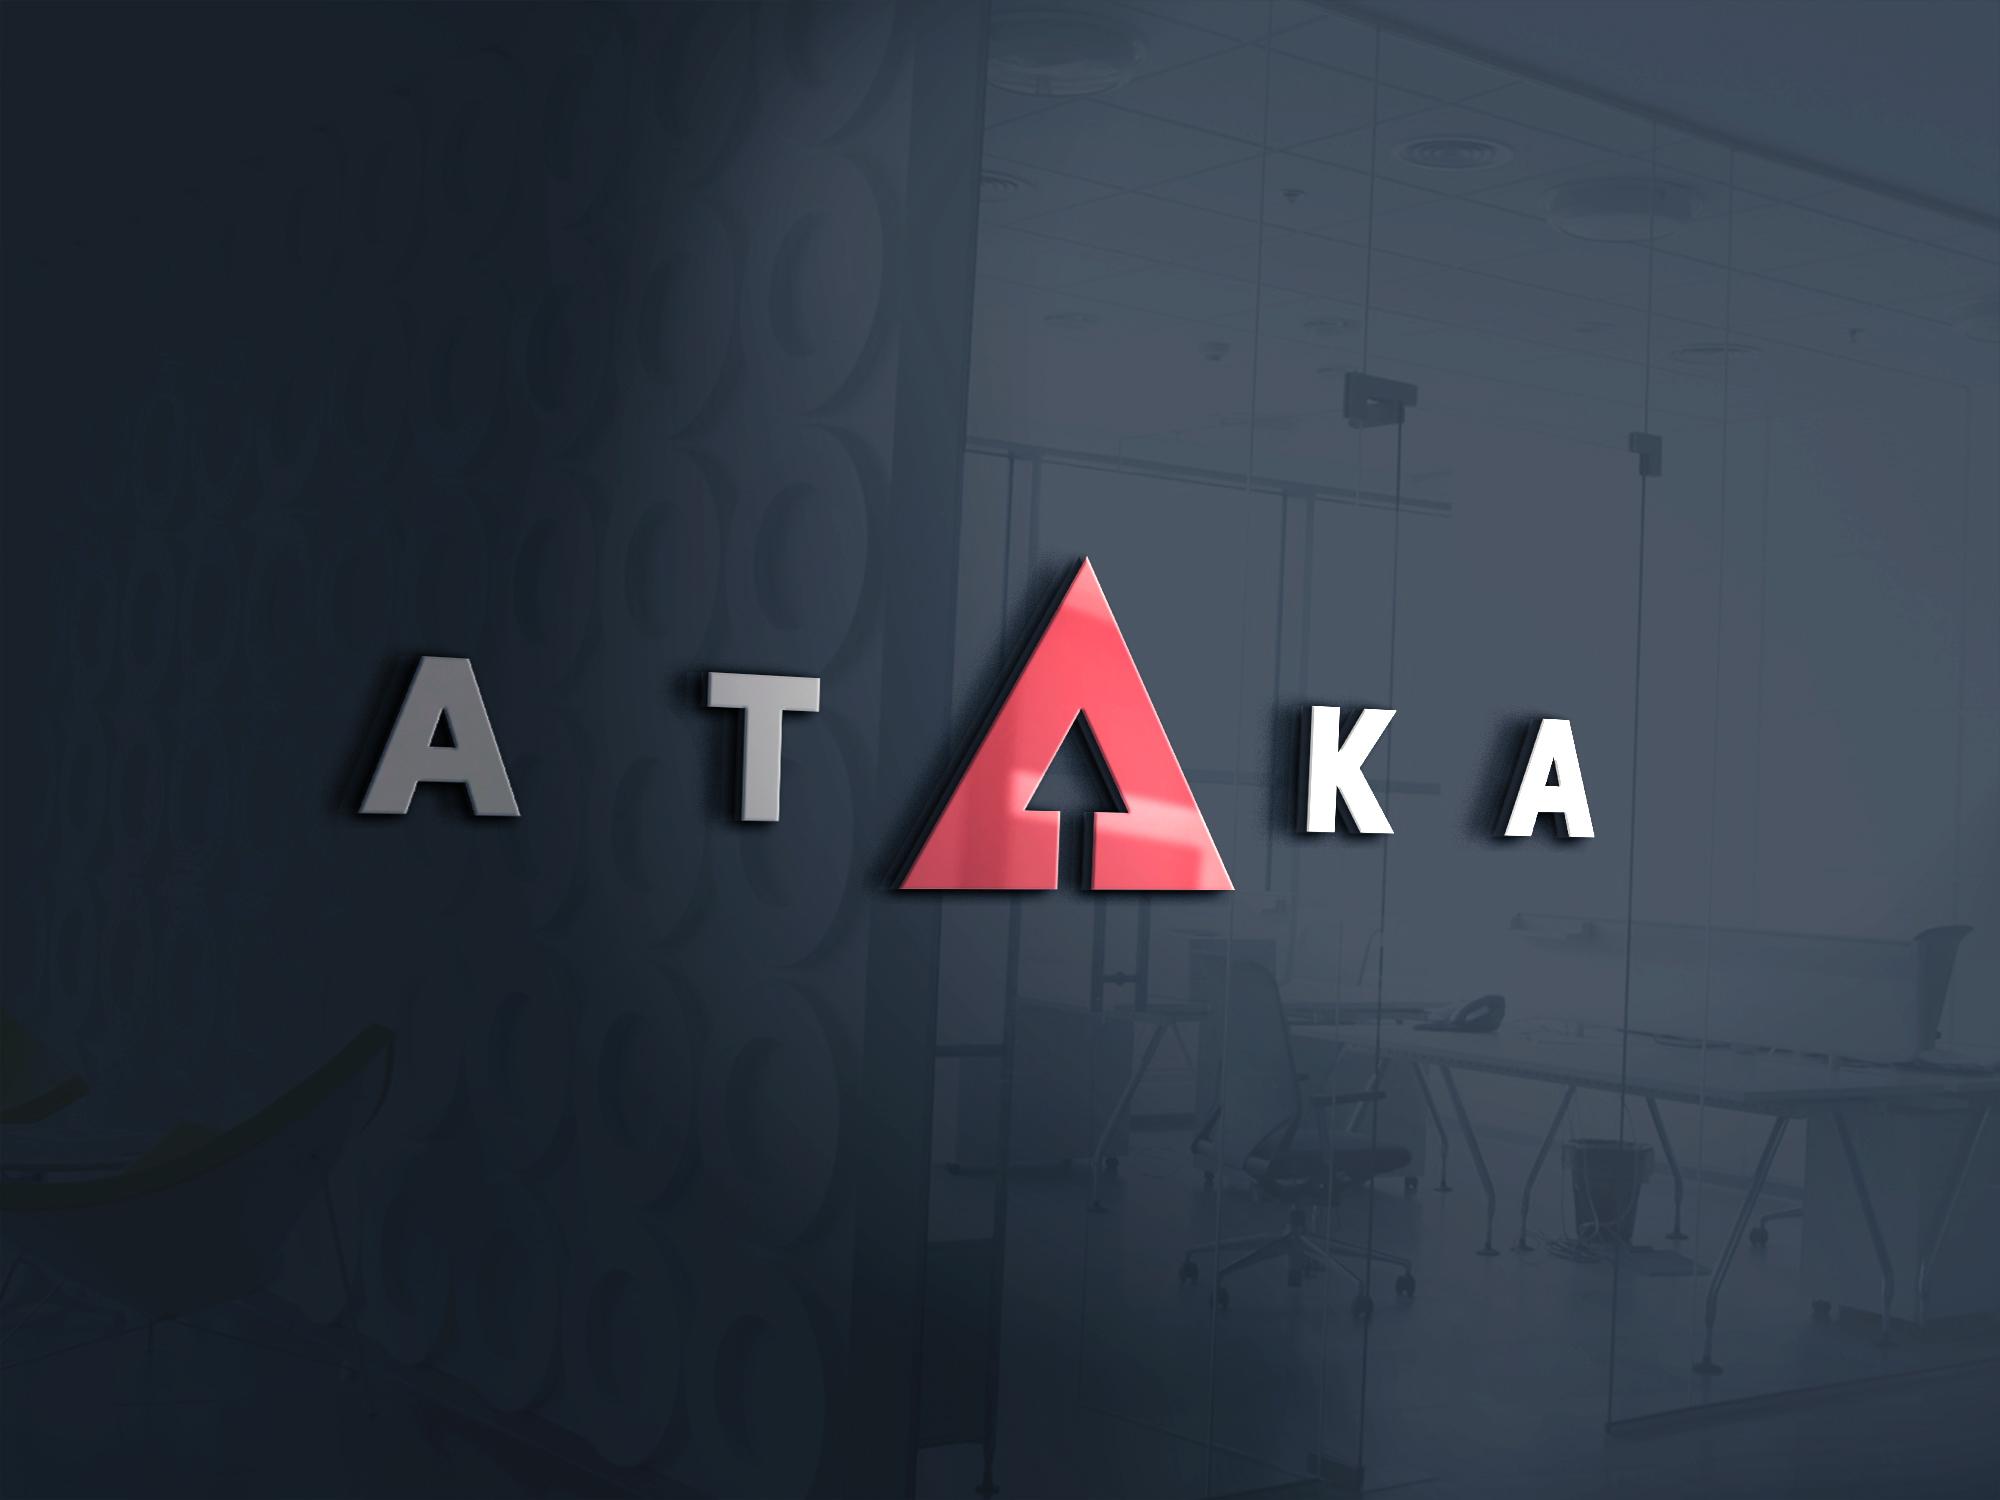 Ataka 2